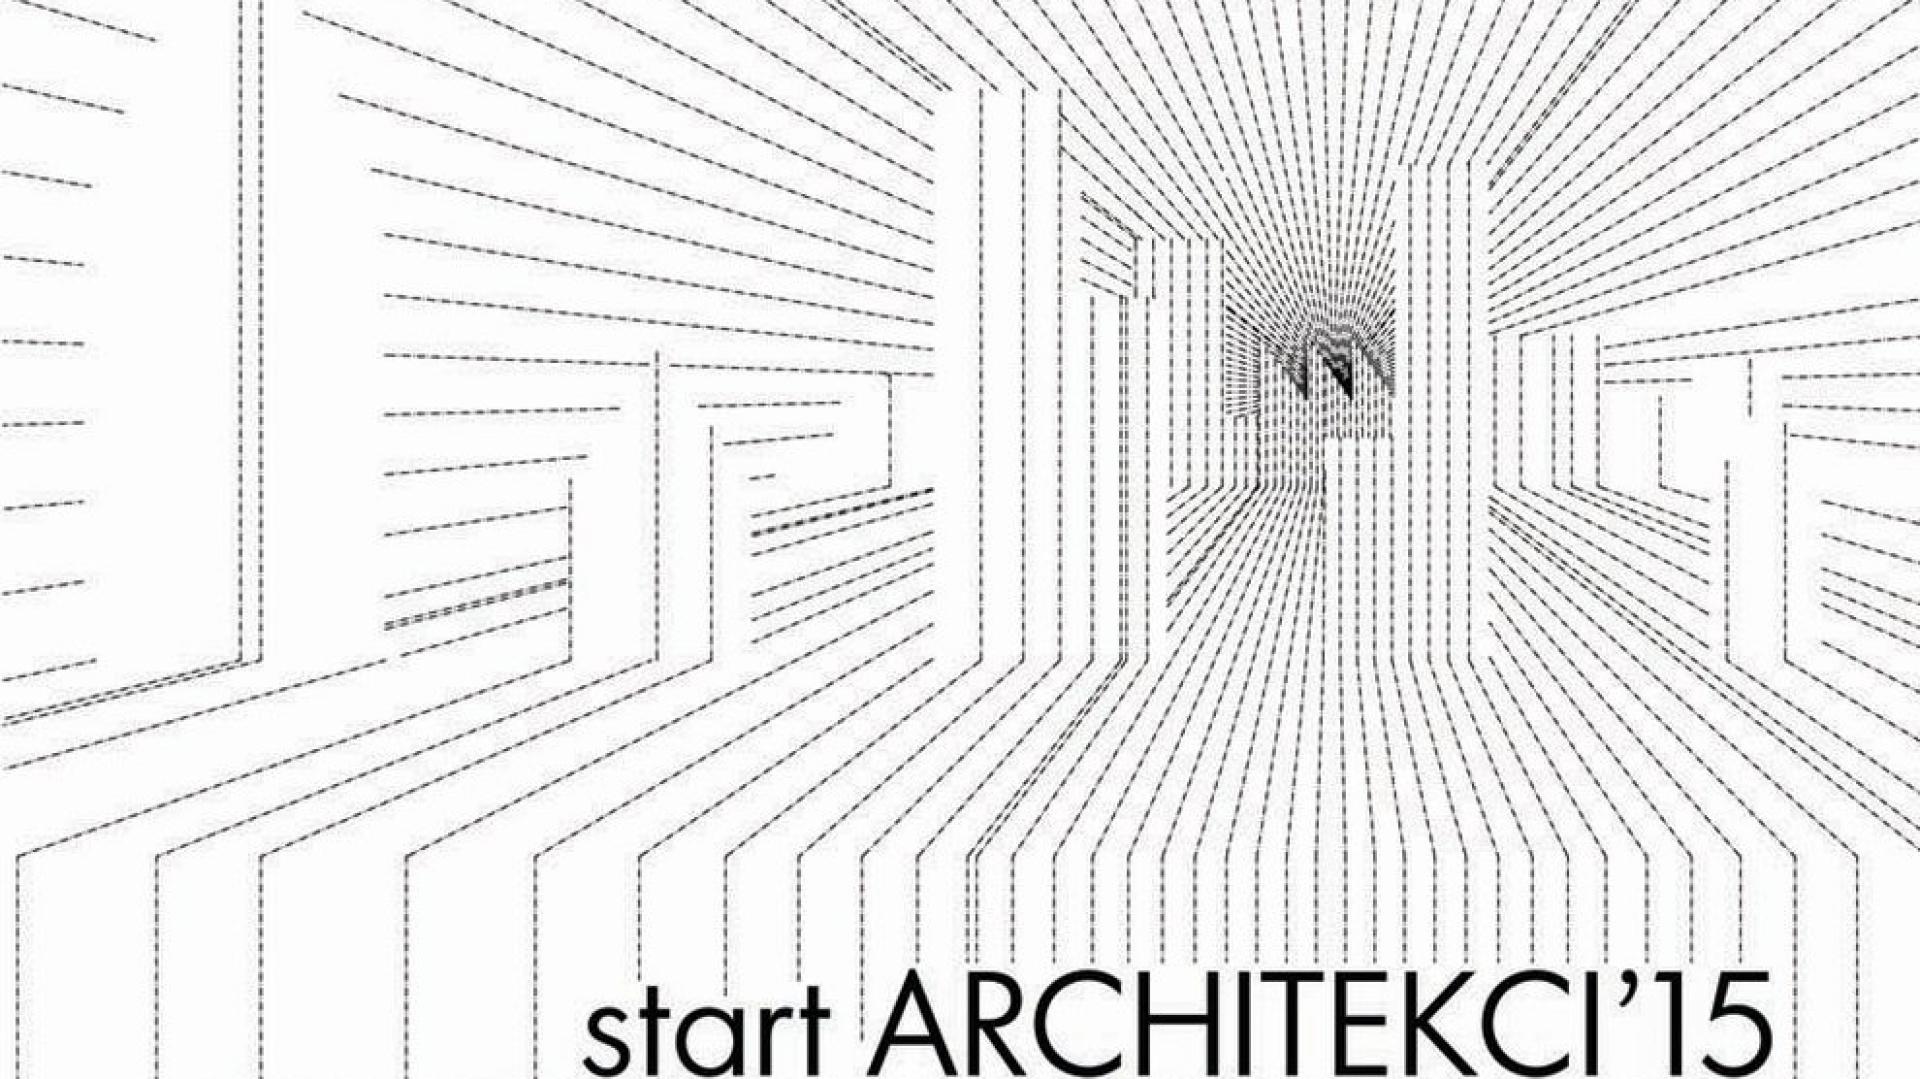 Plakat promujący wystawę start Architekci 15.